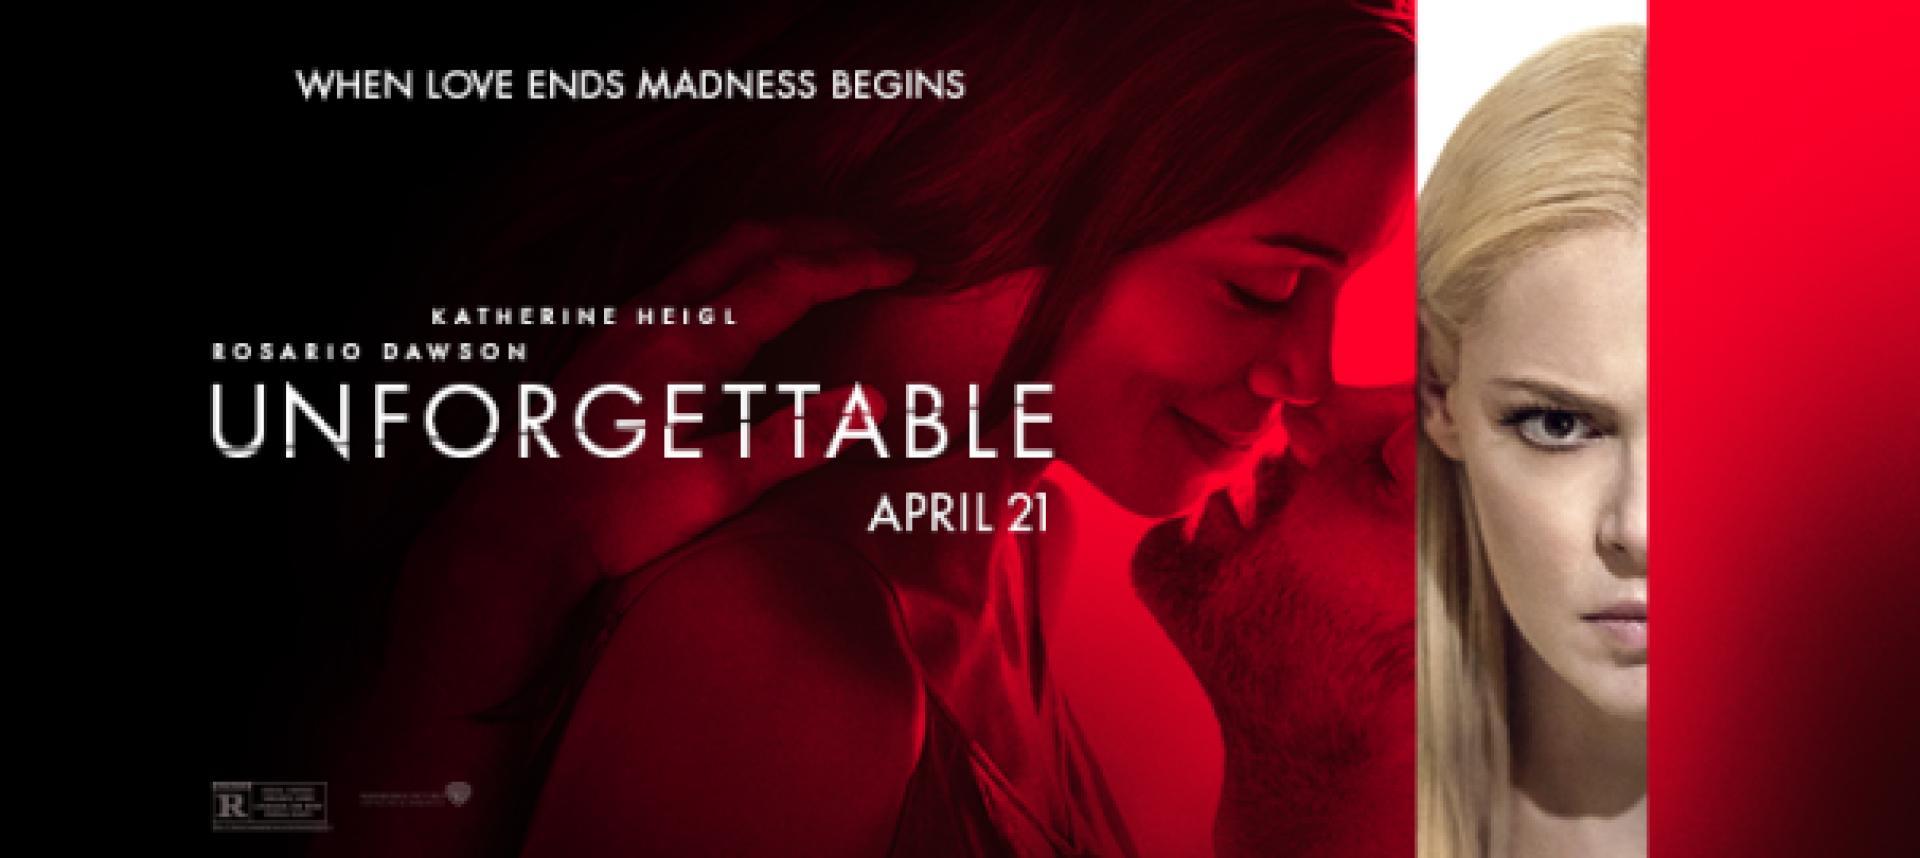 Unforgettable - Öldöklő szerelem (2017)